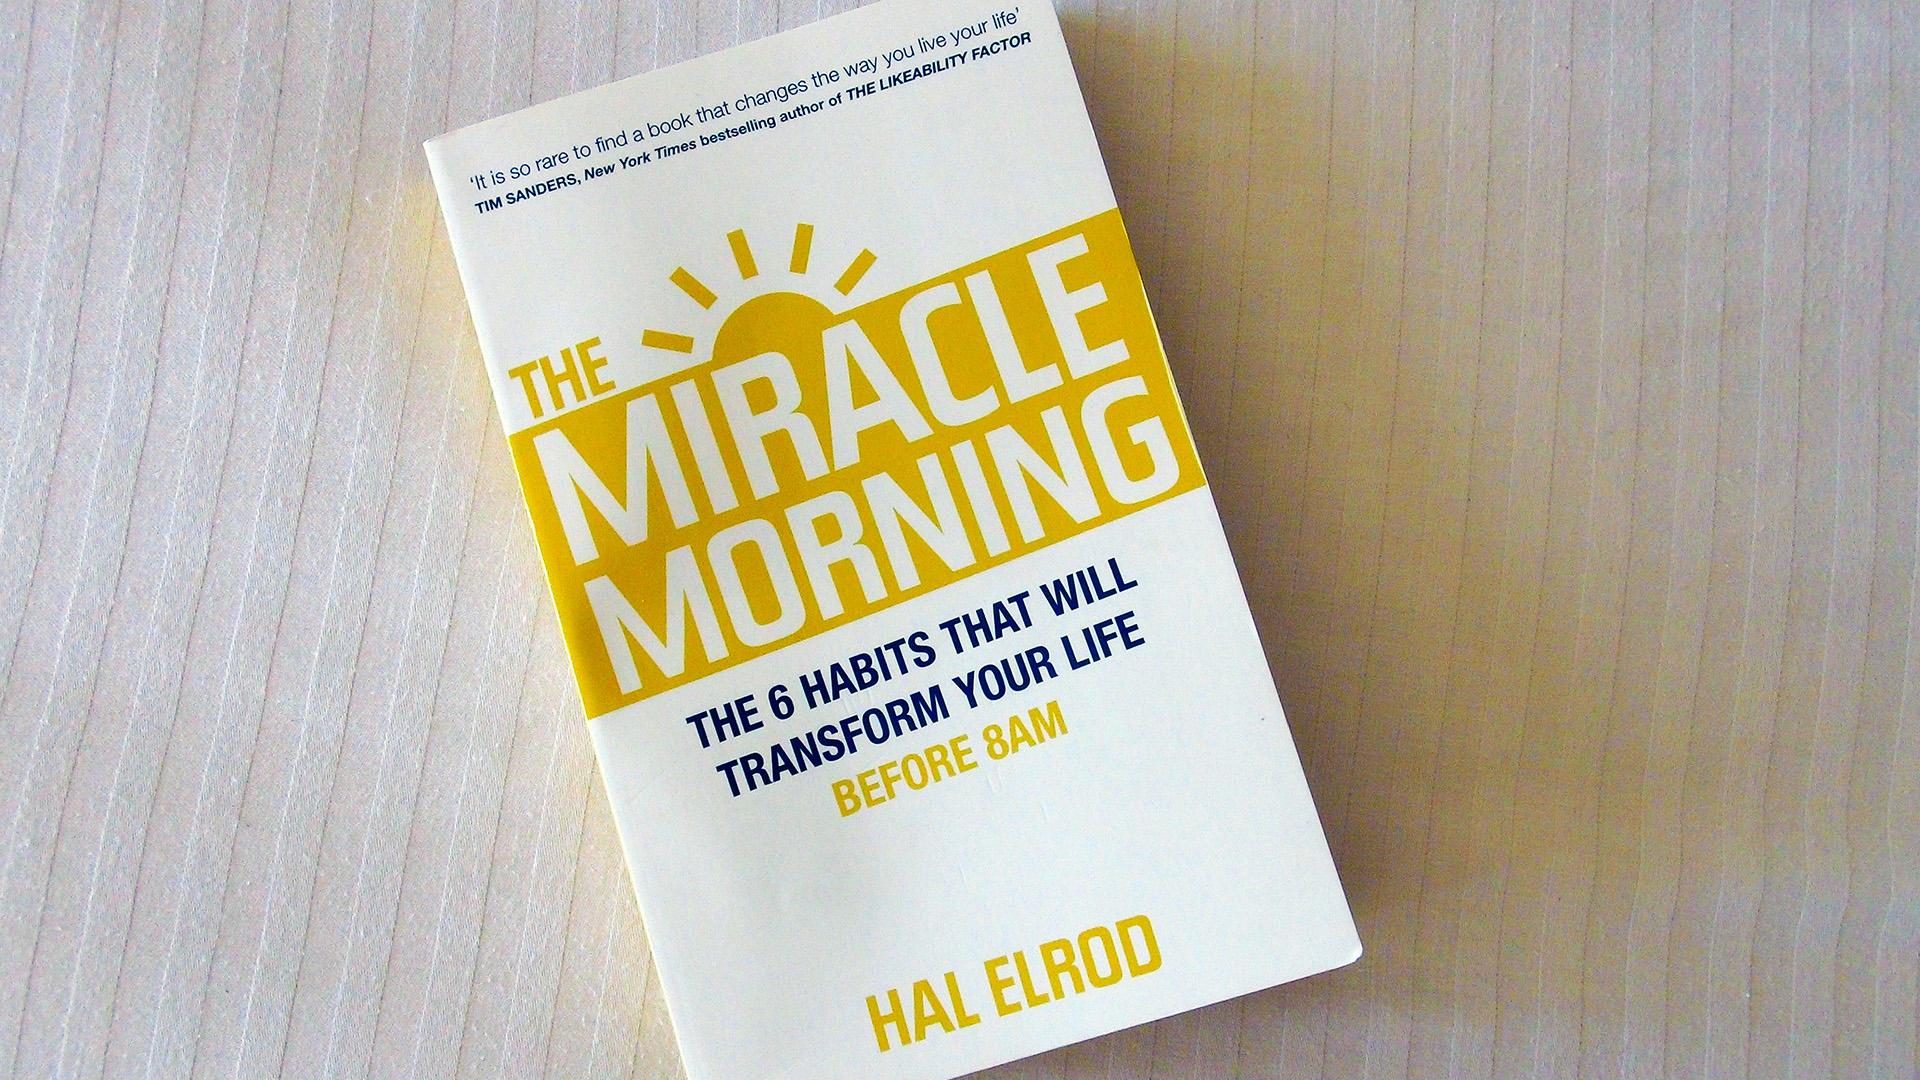 Imede hommik - 6 harjumust, mis muudavad Sinu elu